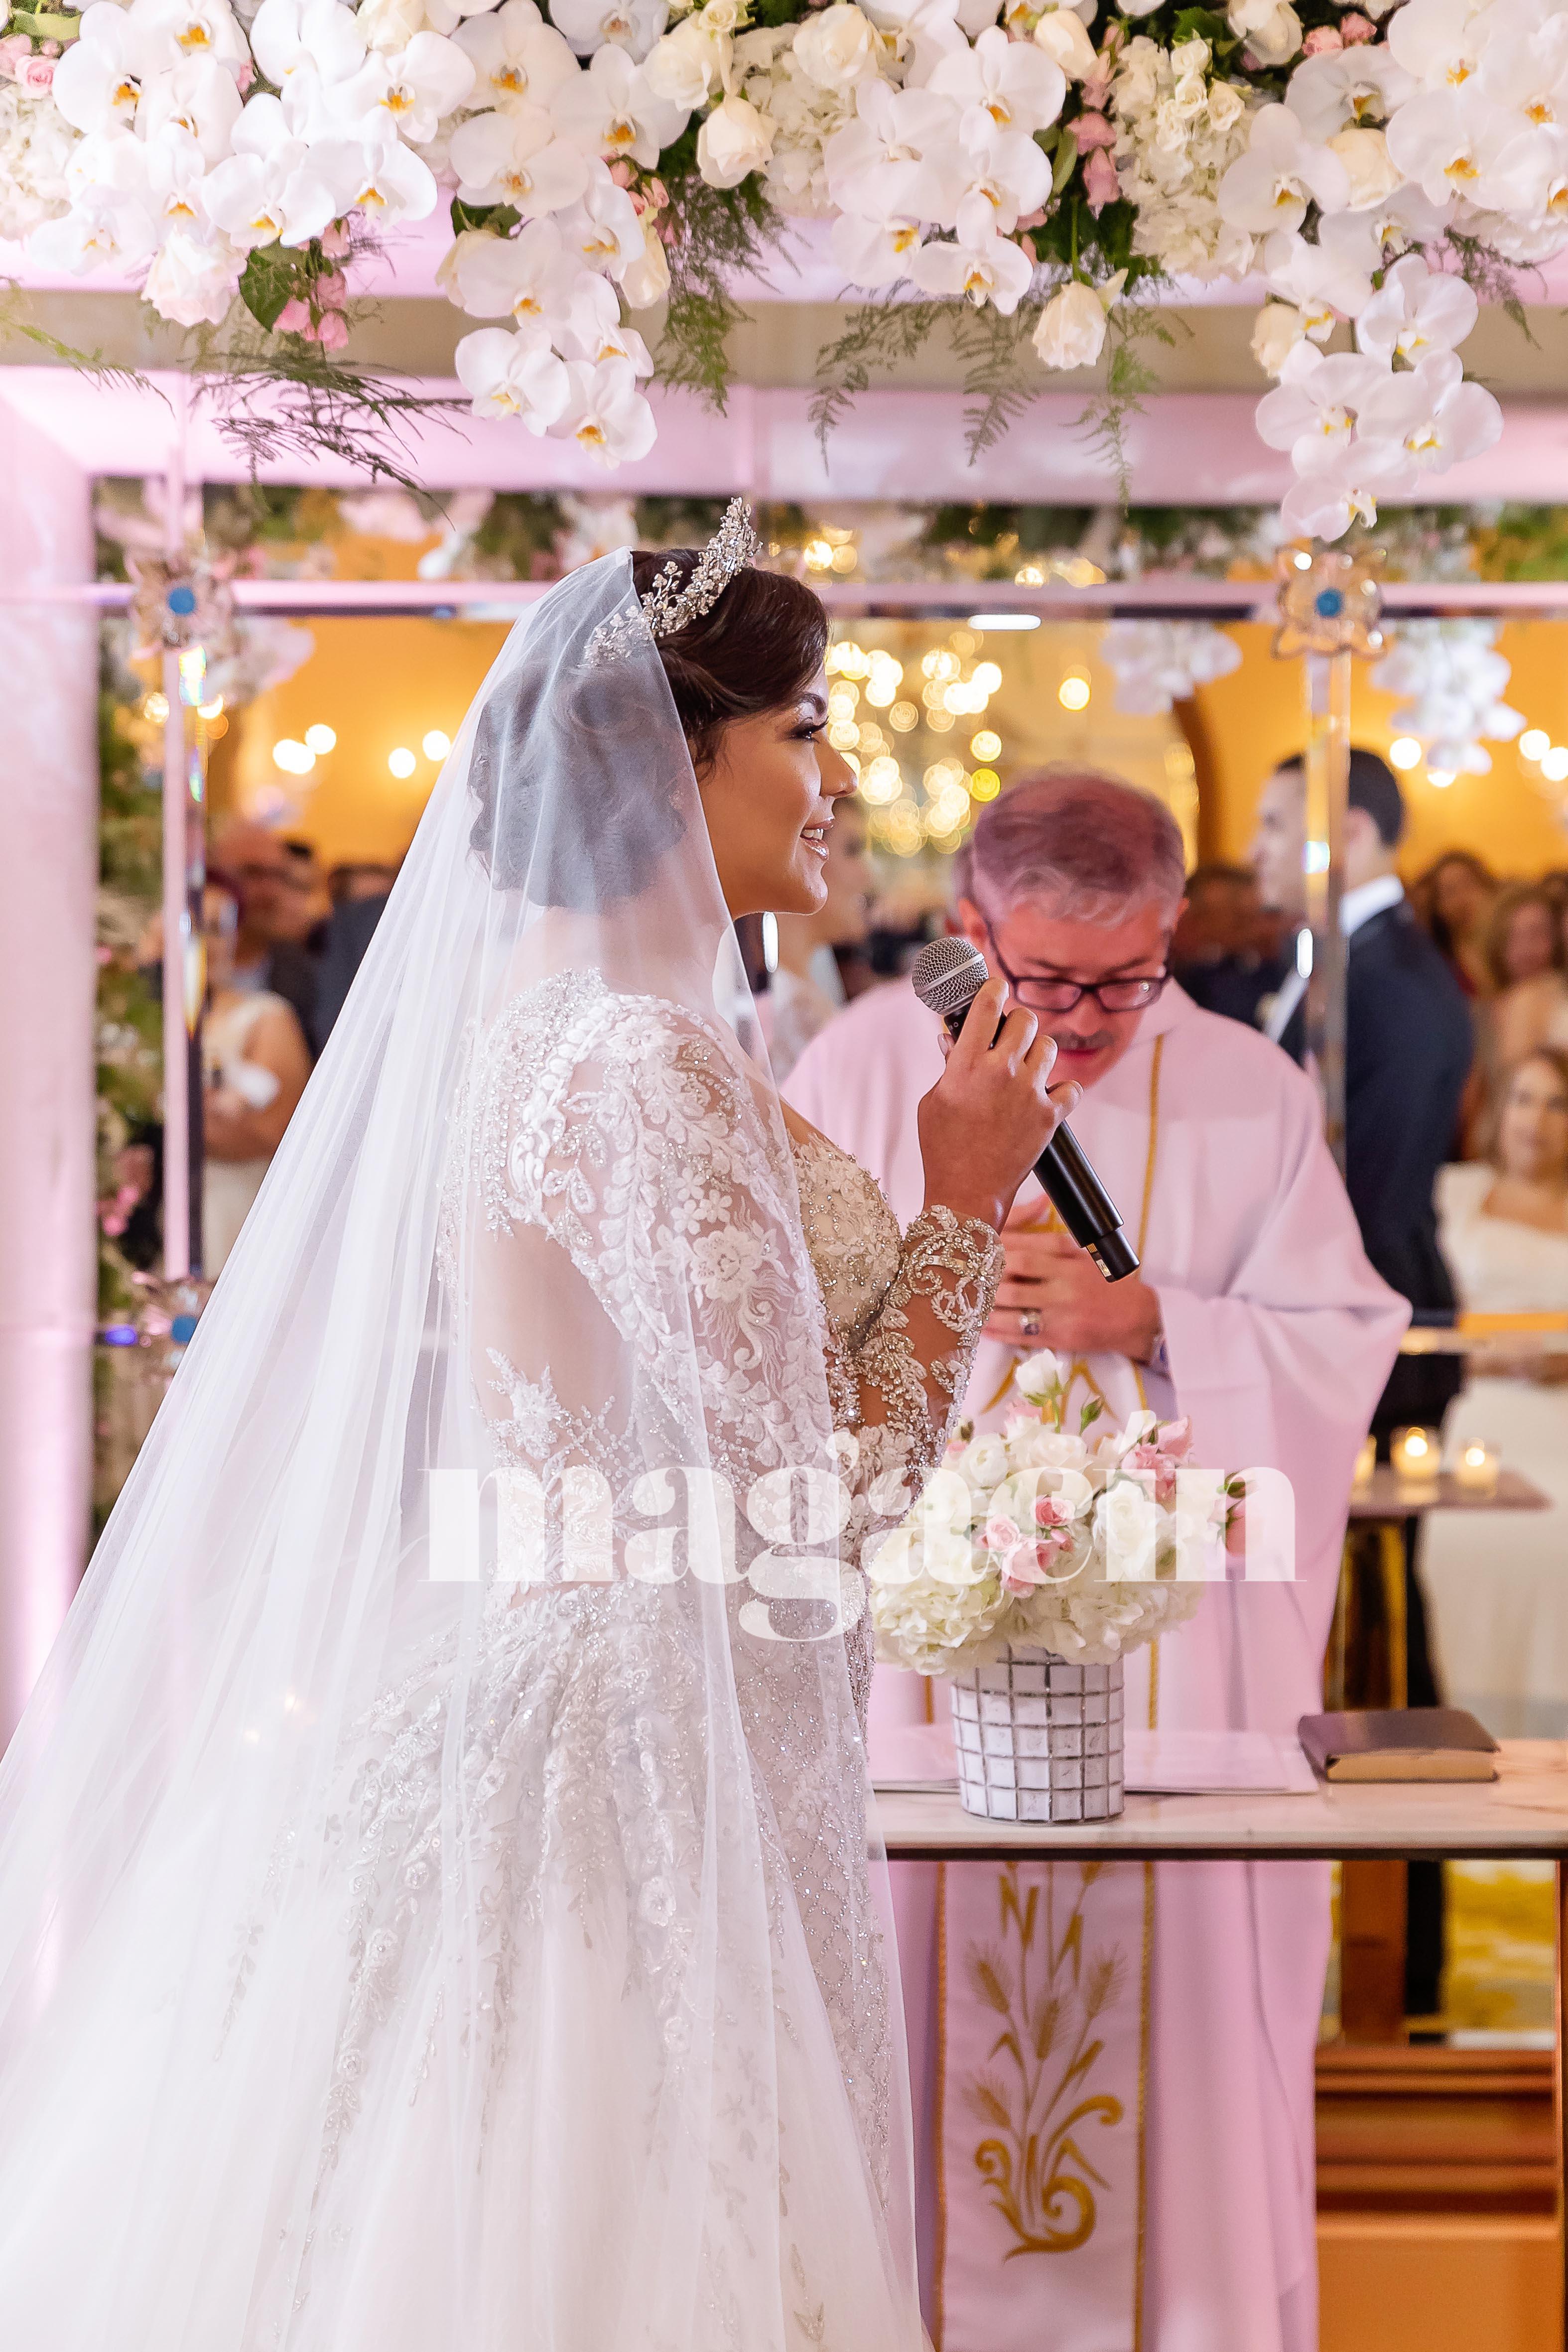 La pareja llevaba cerca de un año planificando el especial evento. (Suministrada/ Claudette Montero)